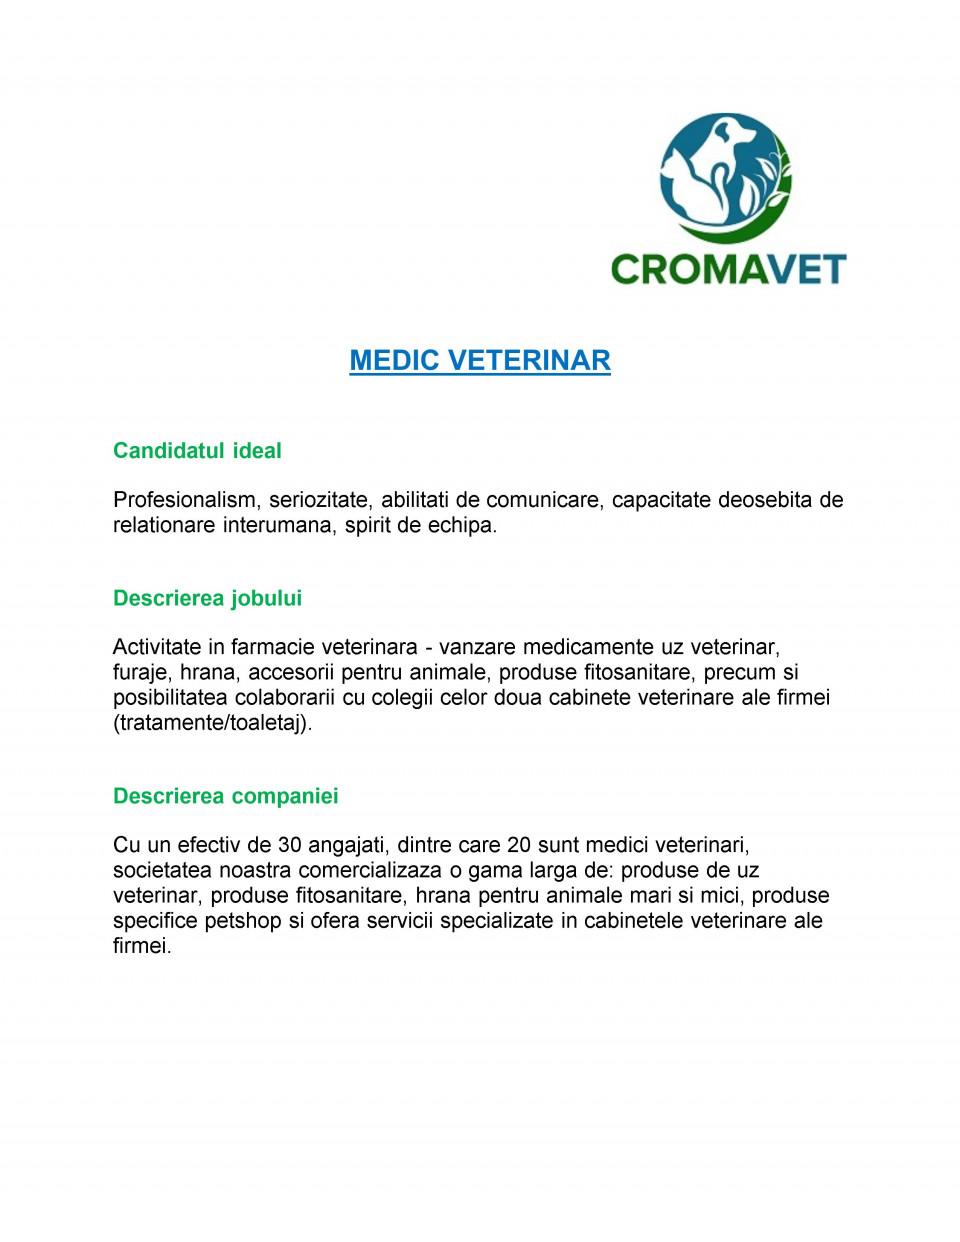 Profesionalism, seriozitate, abilitati de comunicare, capacitate deosebita de relationare interumana, spirit de echipa. Activitate in farmacie veterinara - vanzare medicamente uz veterinar, furaje, hrana, accesorii pentru animale, produse fitosanitare, precum si posibilitatea colaborarii cu colegii celor doua cabinete veterinare ale firmei (tratamente/toaletaj). Cu un efectiv de 30 angajati, dintre care 20 sunt medici veterinari,societatea noastra comercializaza o gama larga de: produse de uz veterinar, produse fitosanitare, hrana pentru animale mari si mici,produse specifice petshop si ofera servicii specializate in cabinetele veterinare ale firmei.